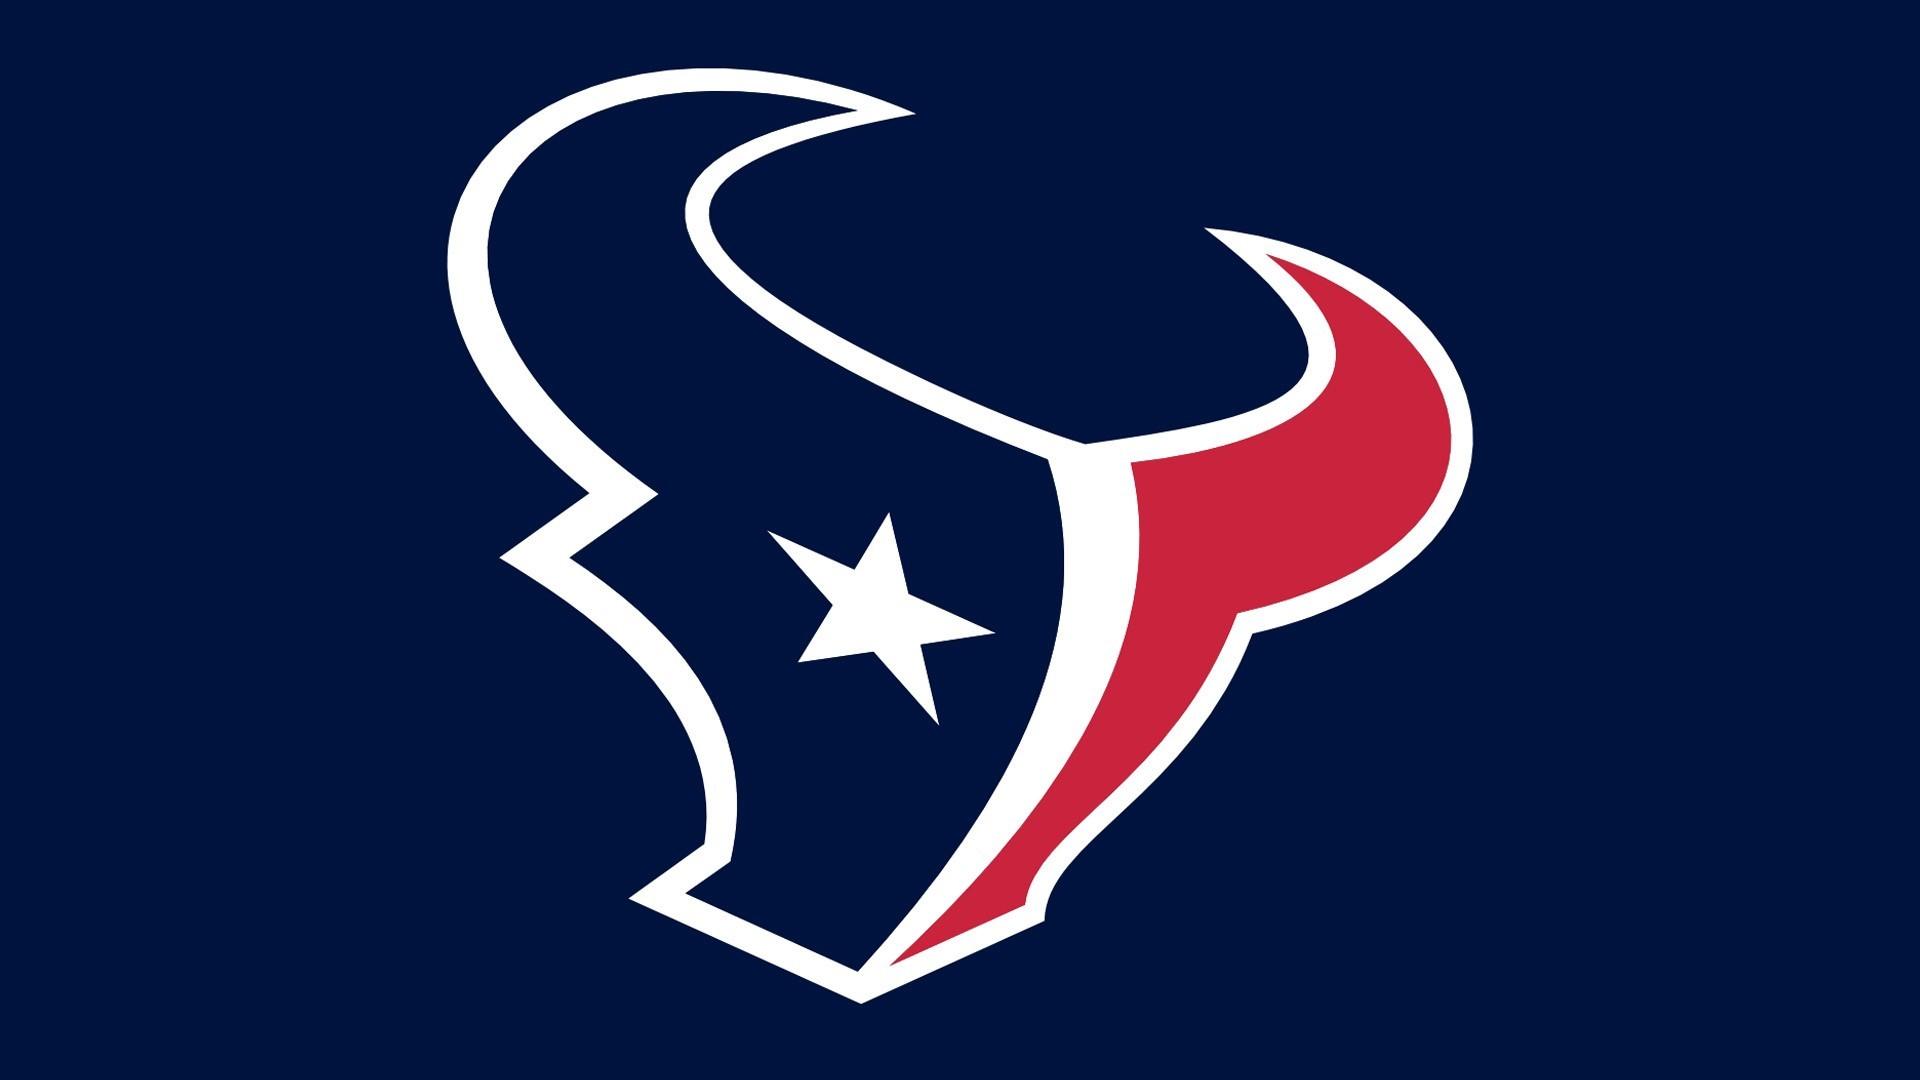 NFL Hoston Texans Blue Back Logo HD NFL / Houston Texans